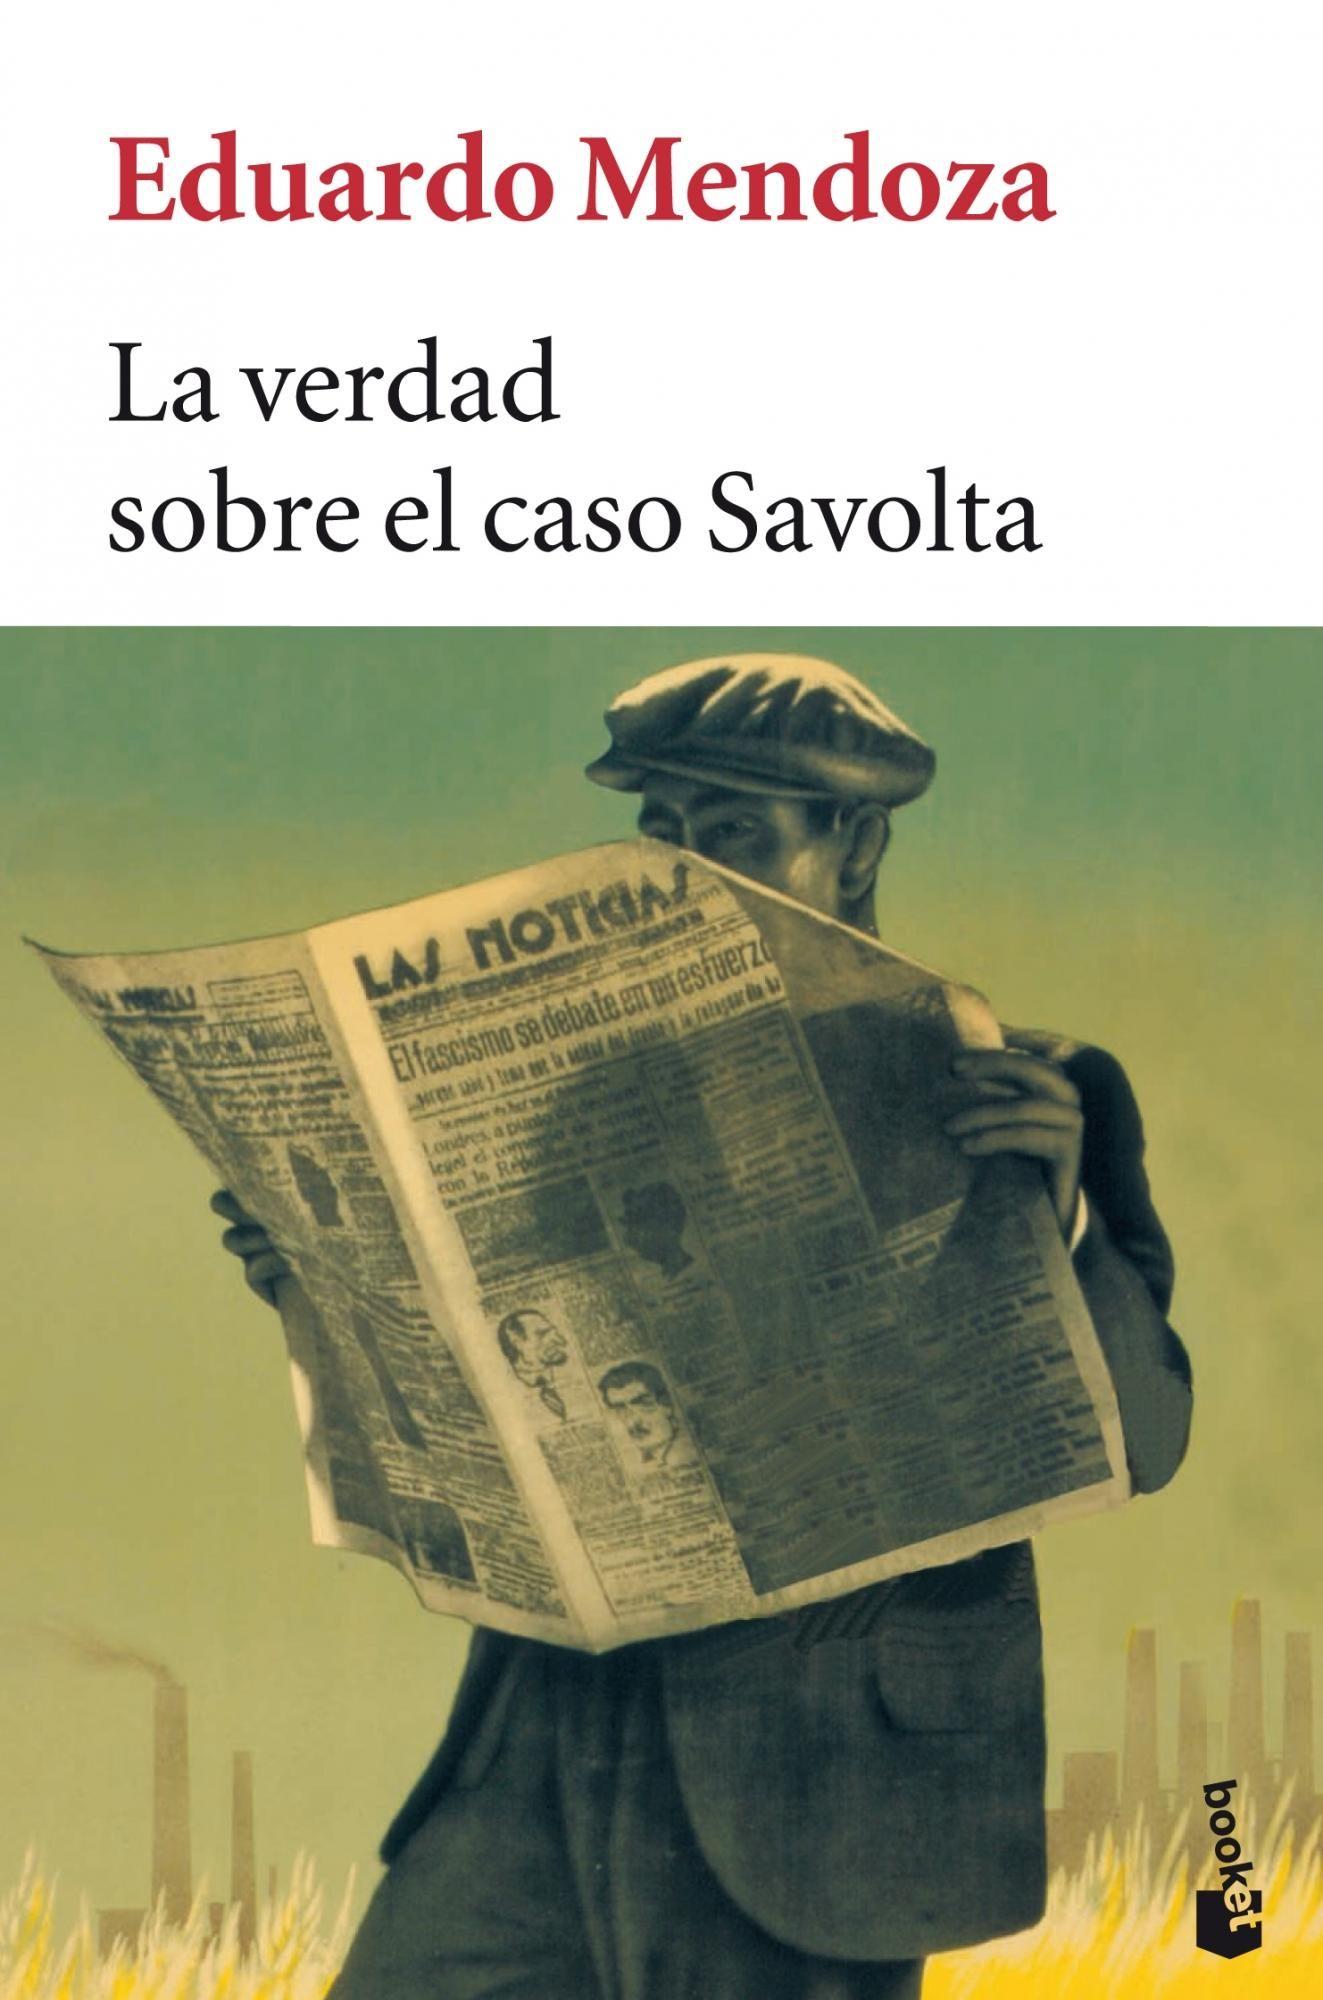 La Verdad Sobre El Caso Savolta Eduardo Mendoza 9788432217005 Libros Leer Mendoza